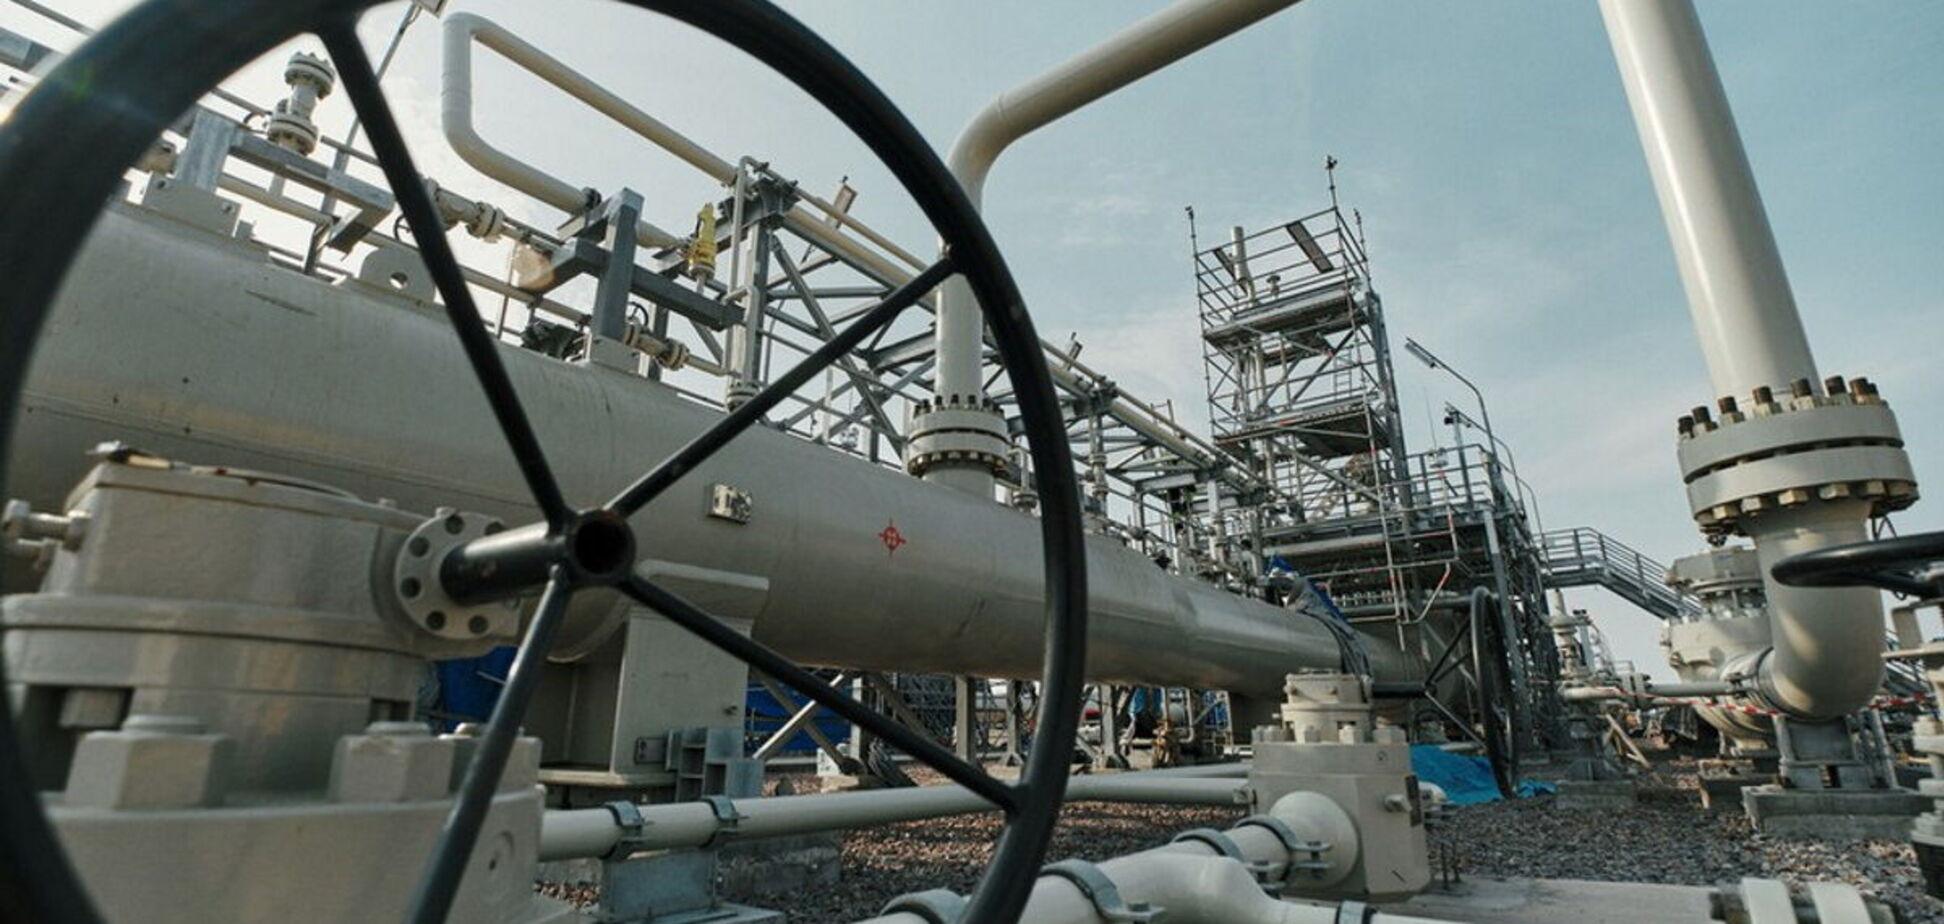 Горе 'Газпрома': с 'Северным потоком-2' возникли серьезные проблемы